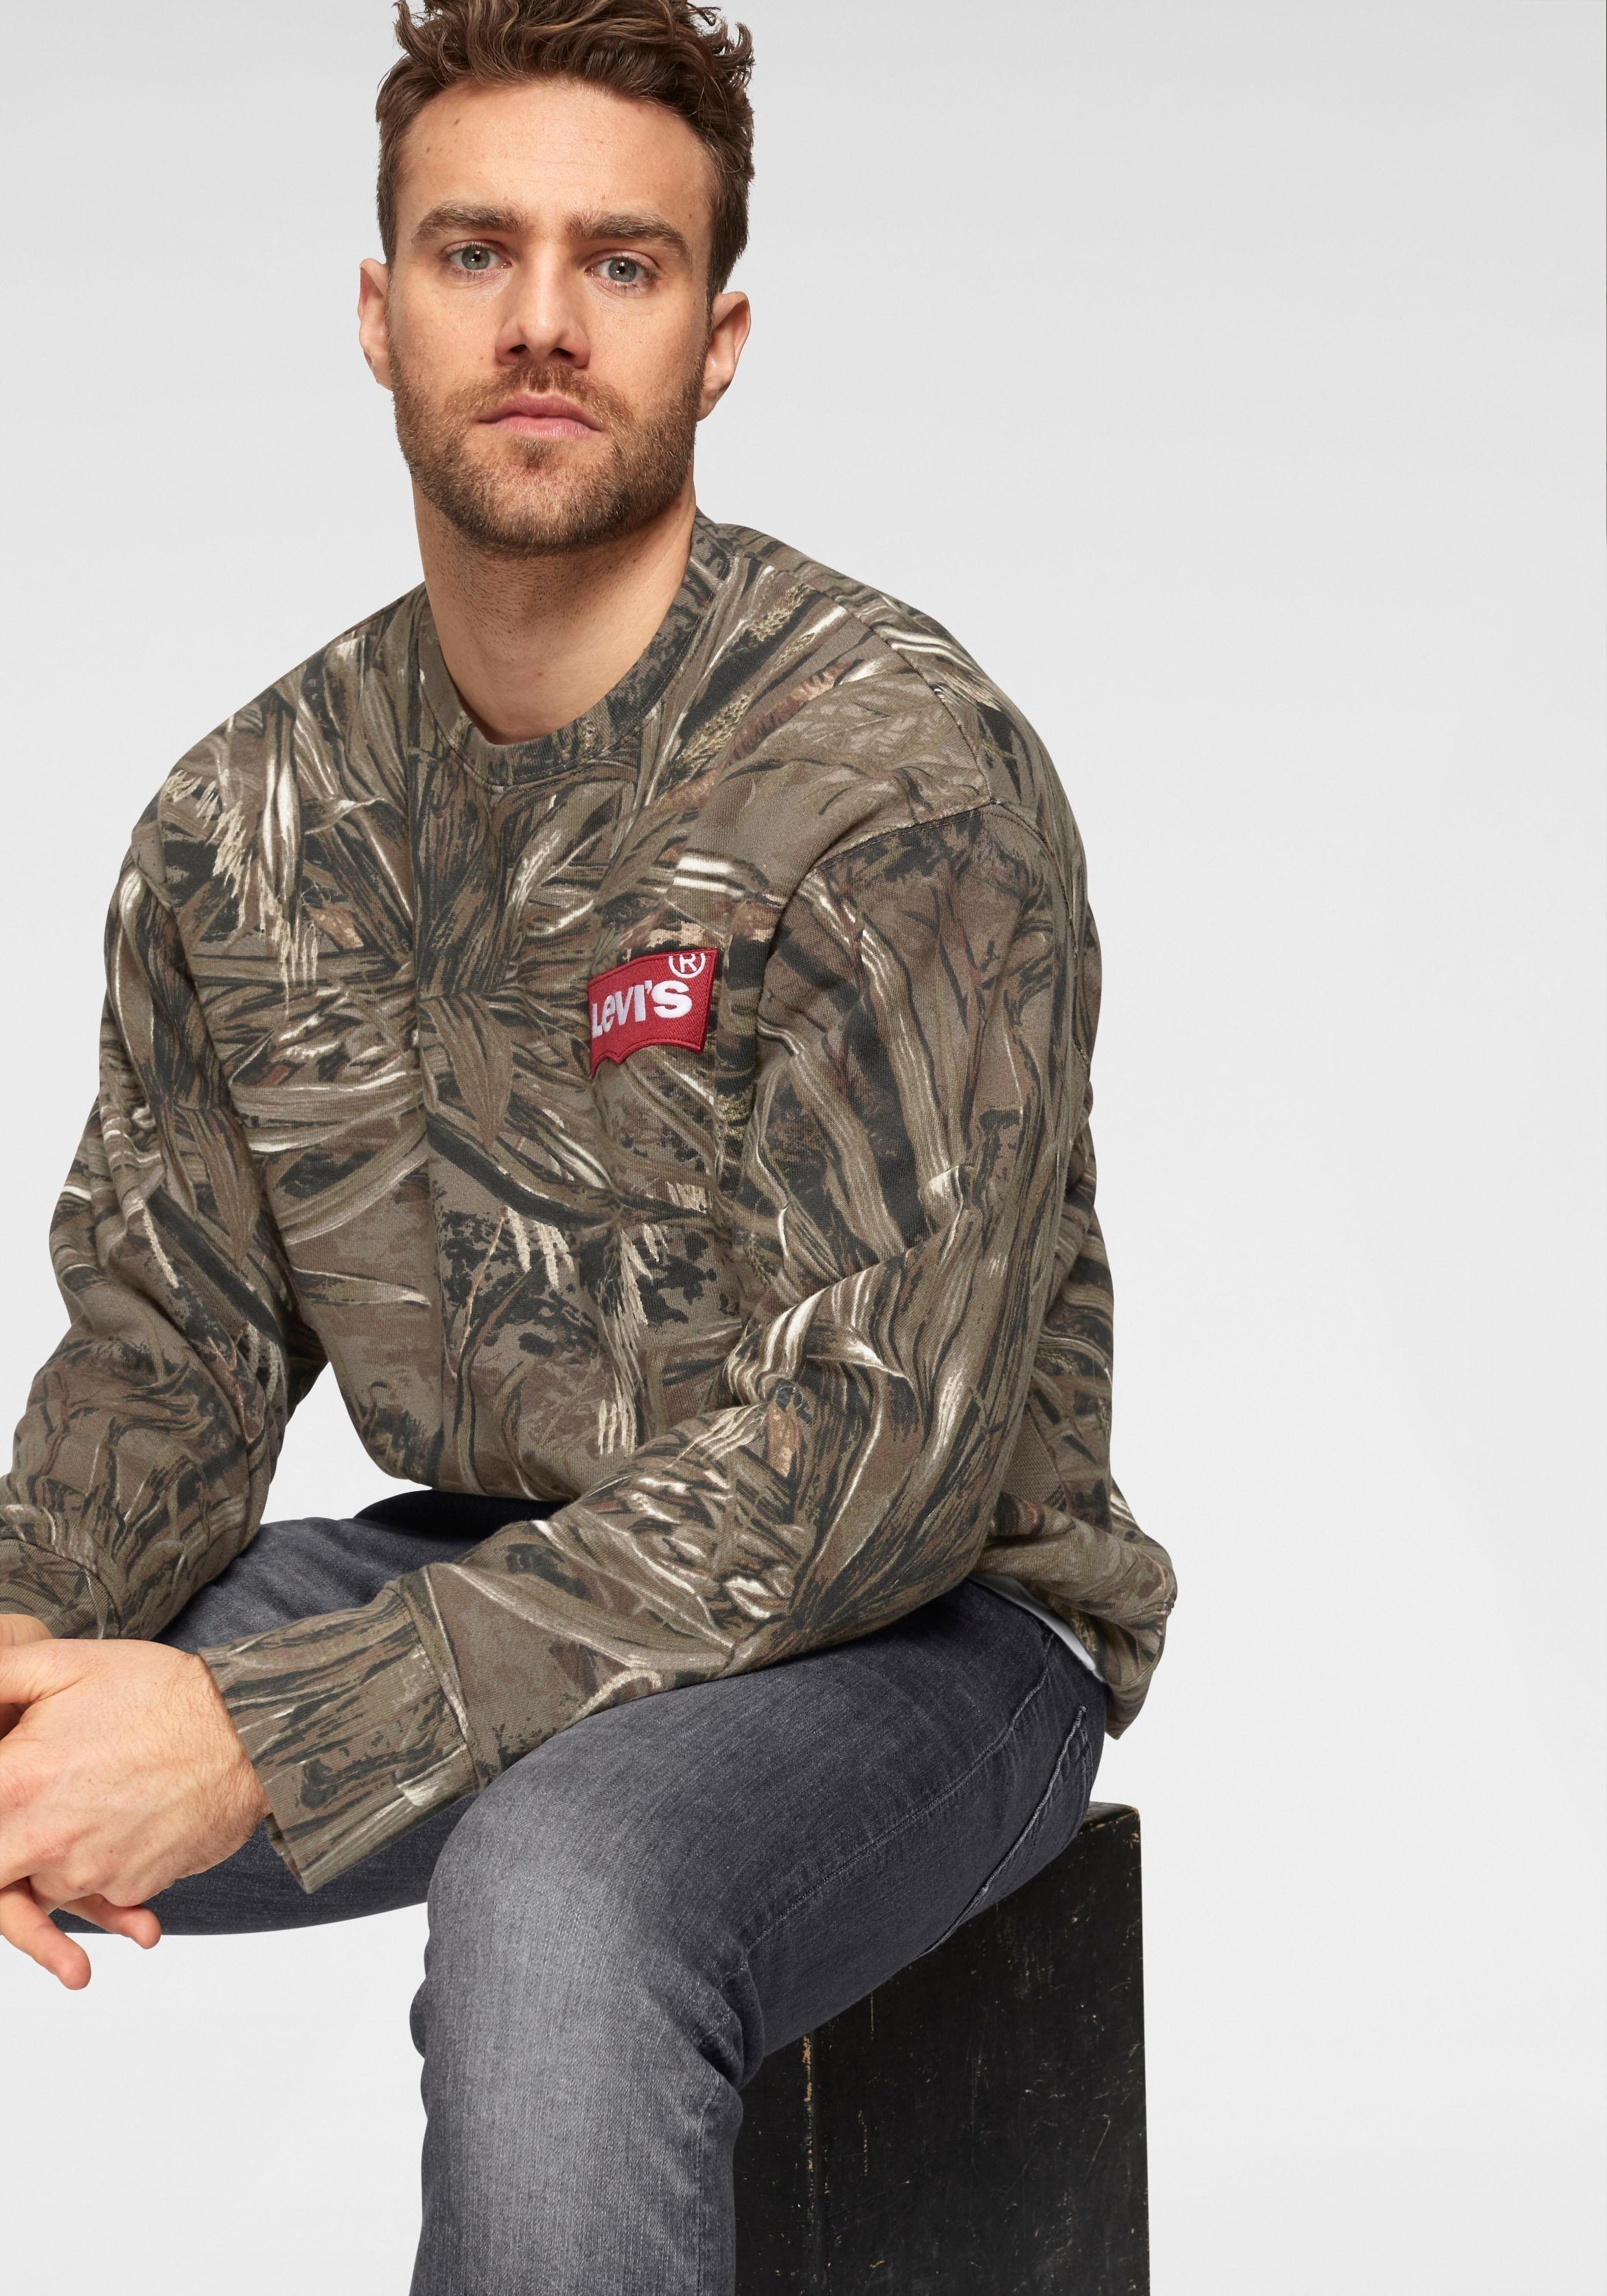 Levi's® SweatersweatshirtBestel Bij Nu Levi's® SweatersweatshirtBestel Levi's® SweatersweatshirtBestel Bij Bij Nu Nu eWordCxB